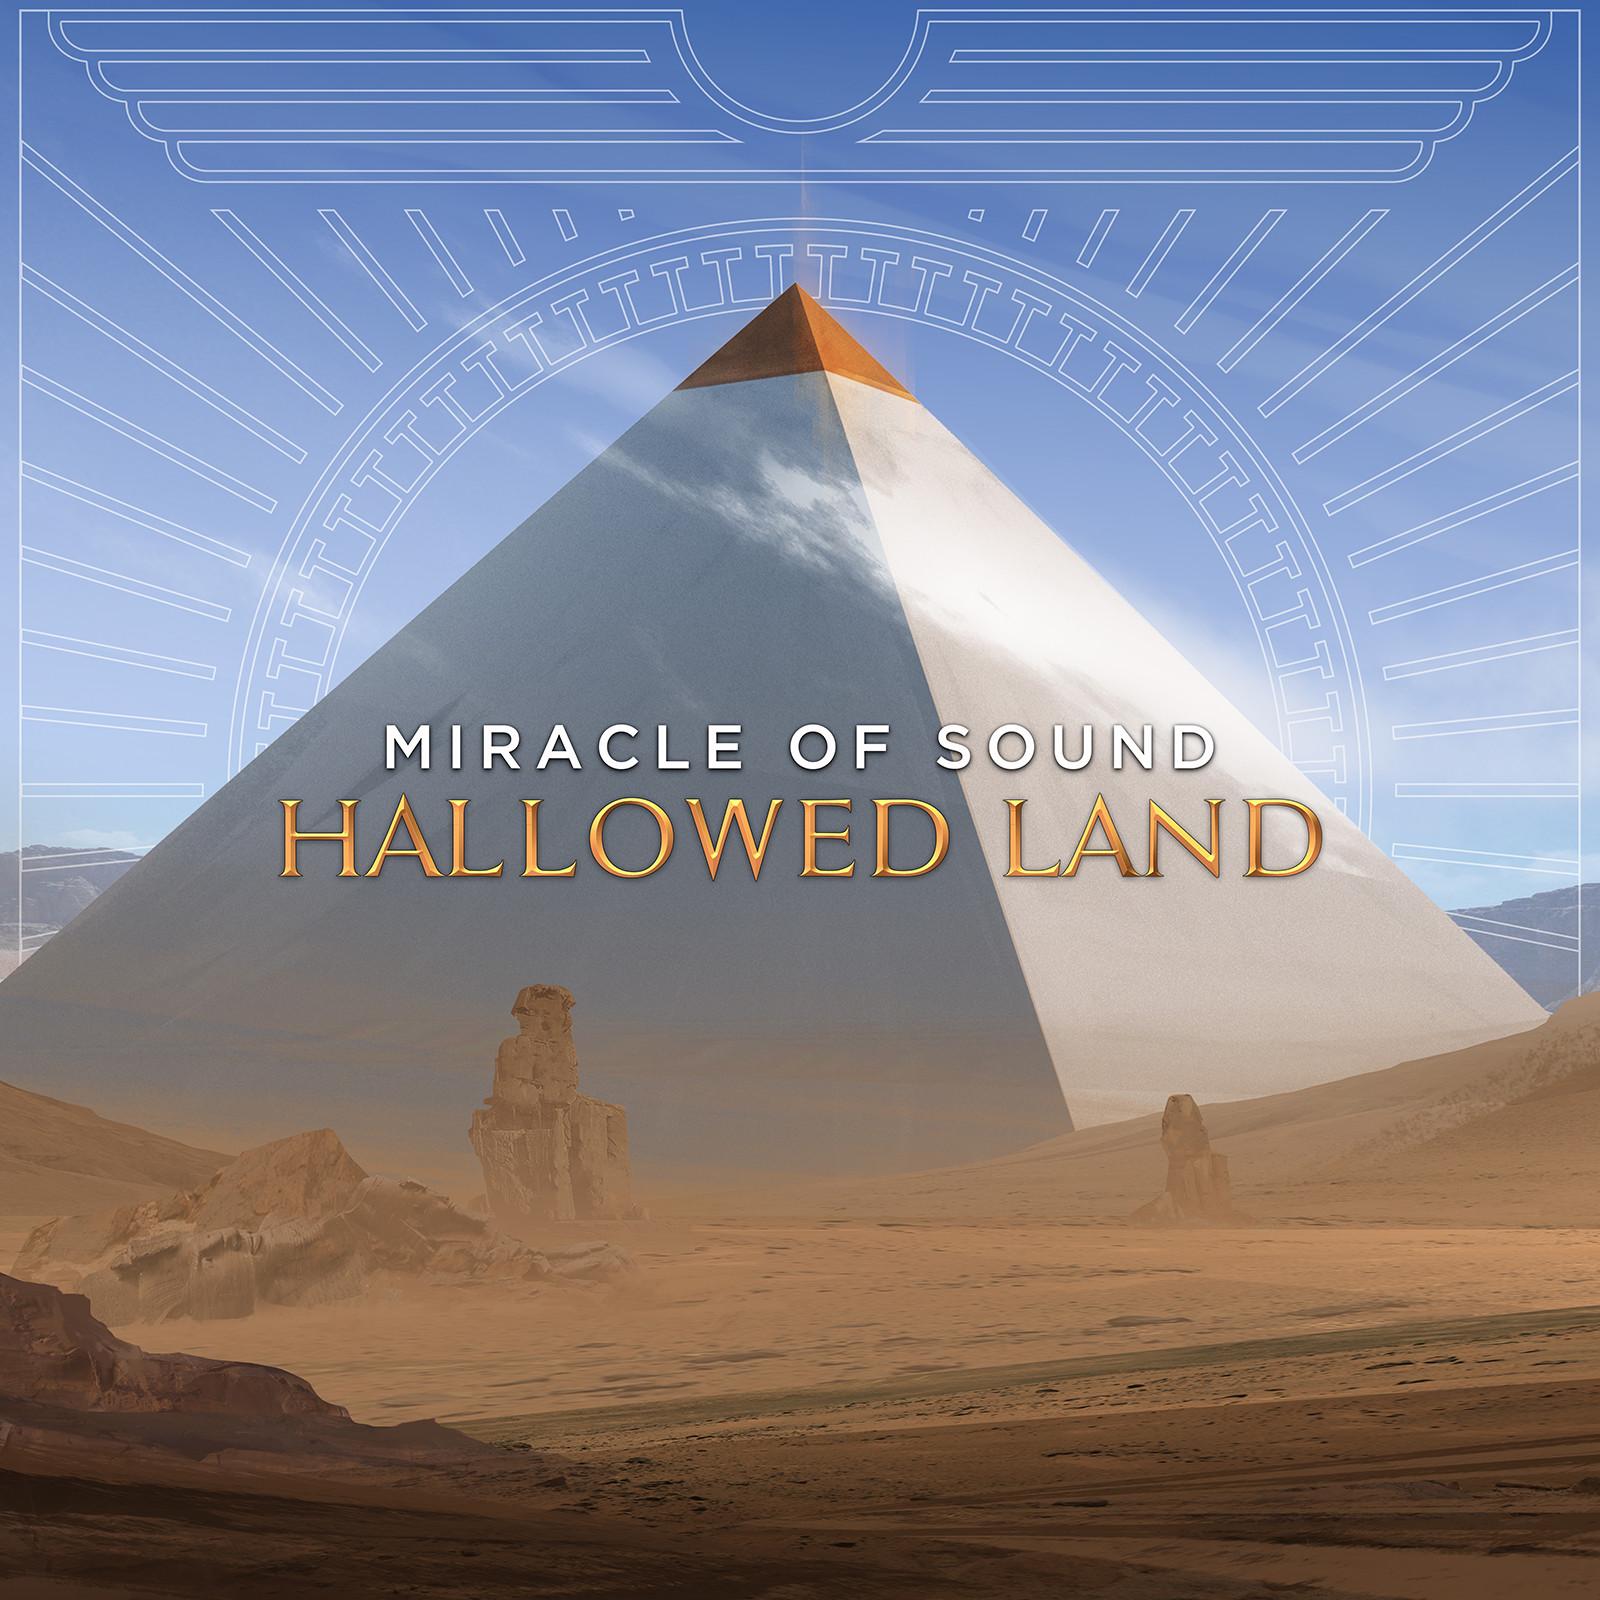 Alfred khamidullin hallowed land8 4